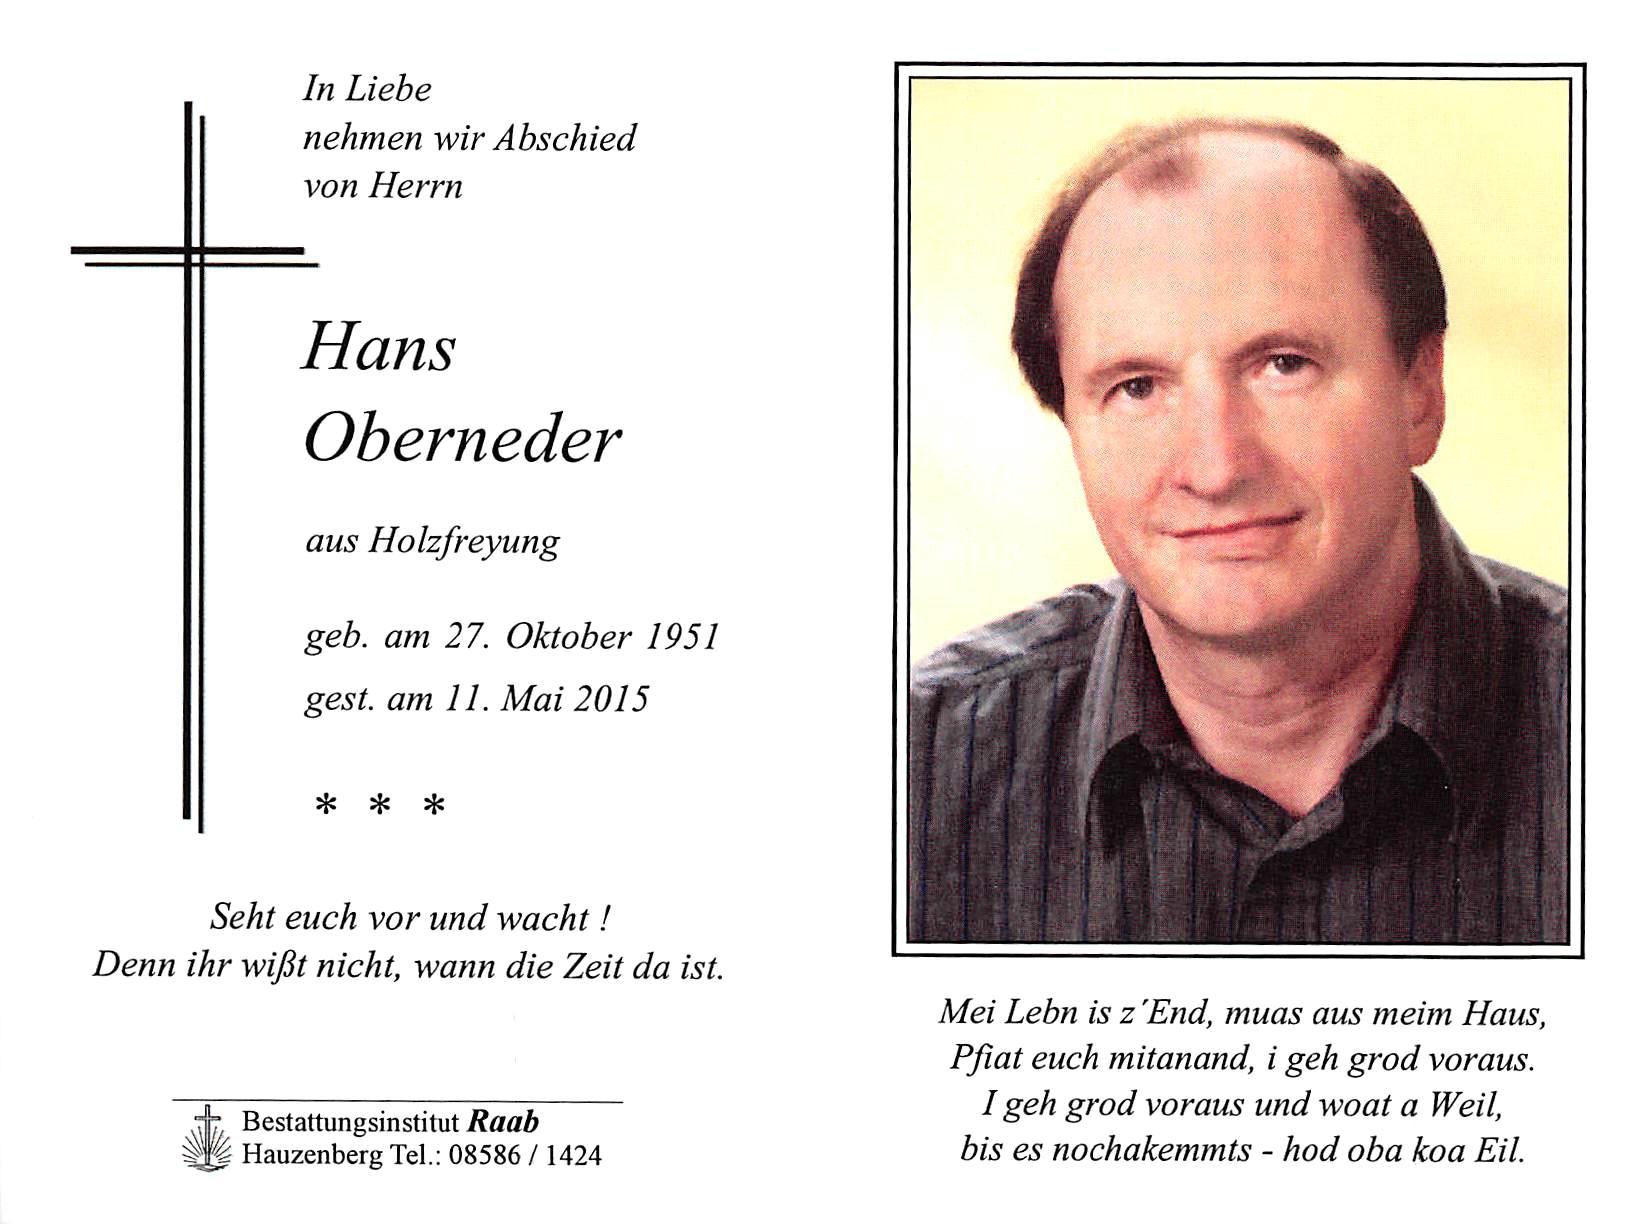 2015-05-11-Oberneder-Hans-Holzfreyung